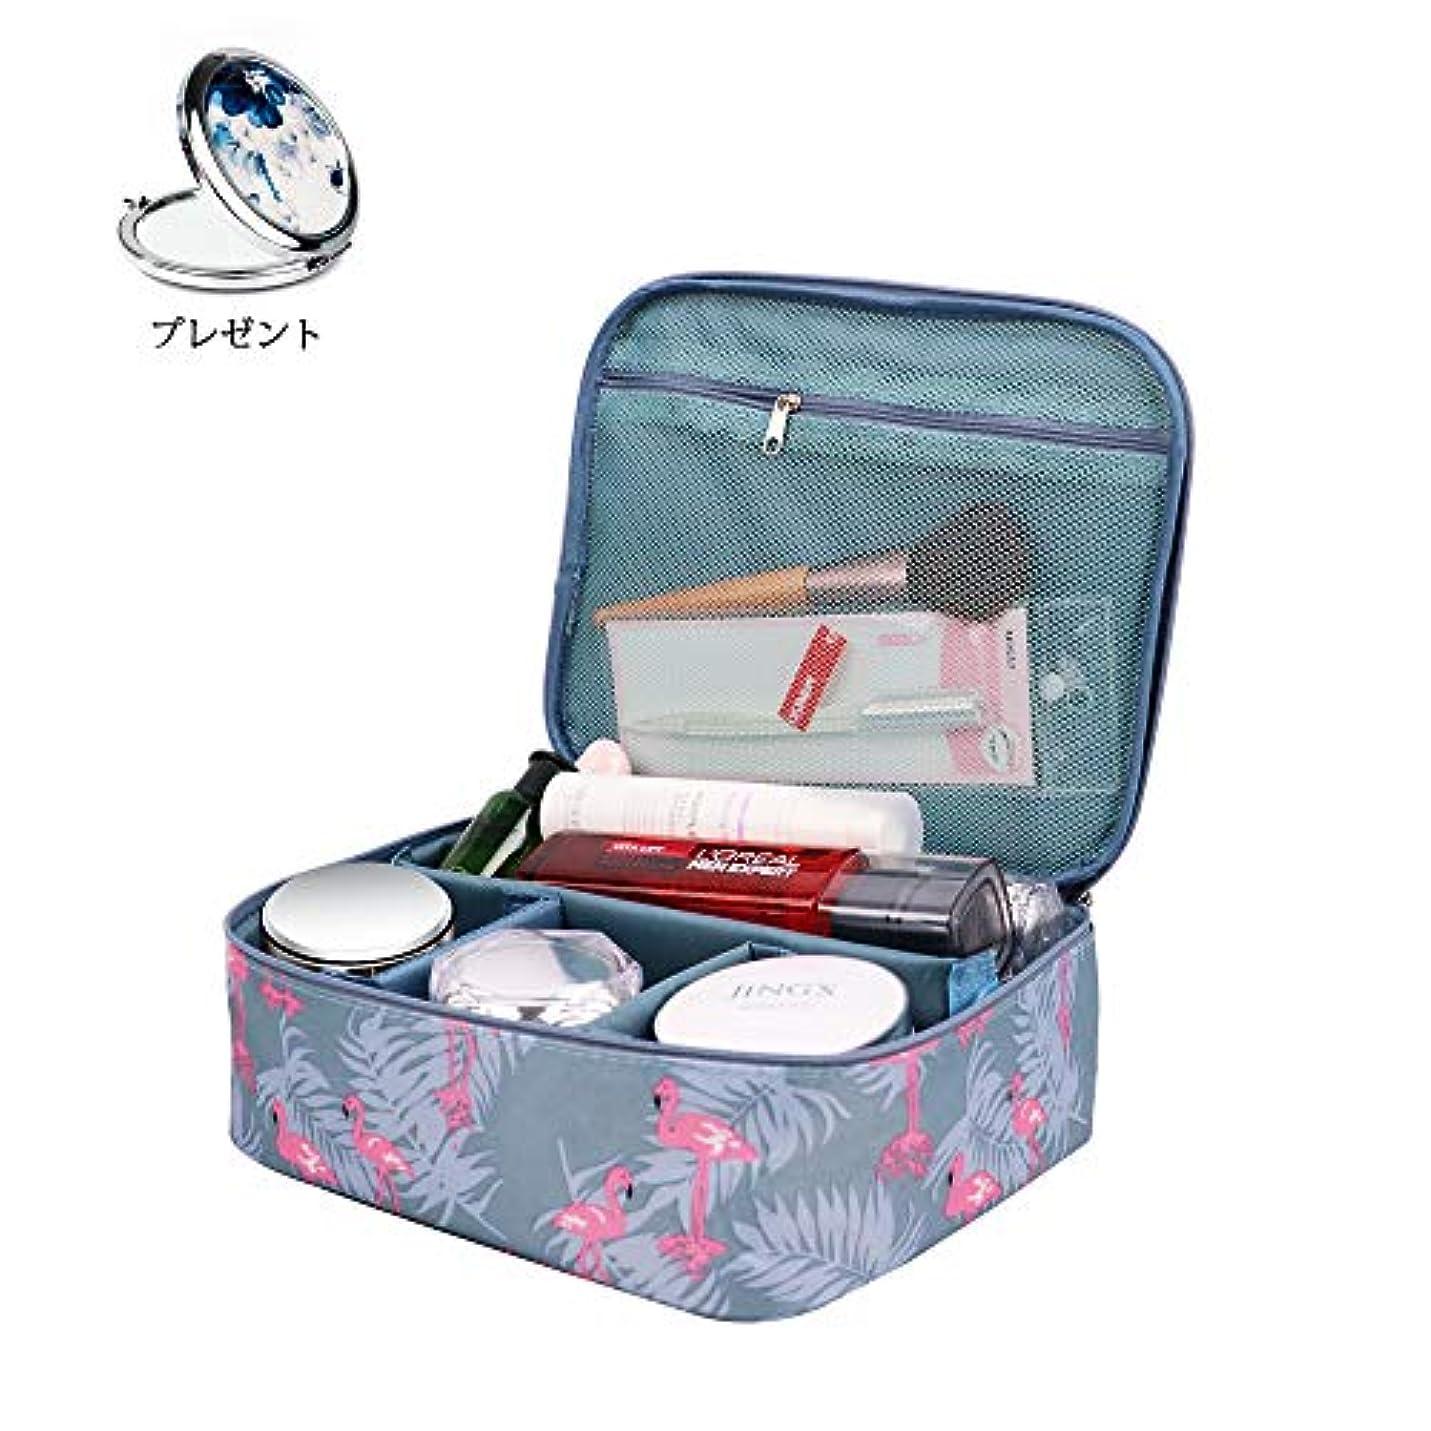 よろしく熟読引数メイクボックス 化粧ポーチ メイクブラシバッグ 収納ケース 持ちやすい 中国風鏡付きトラベルバッグ 化粧バッグ 化粧道具 旅行 Ailemi(フラミンゴ)